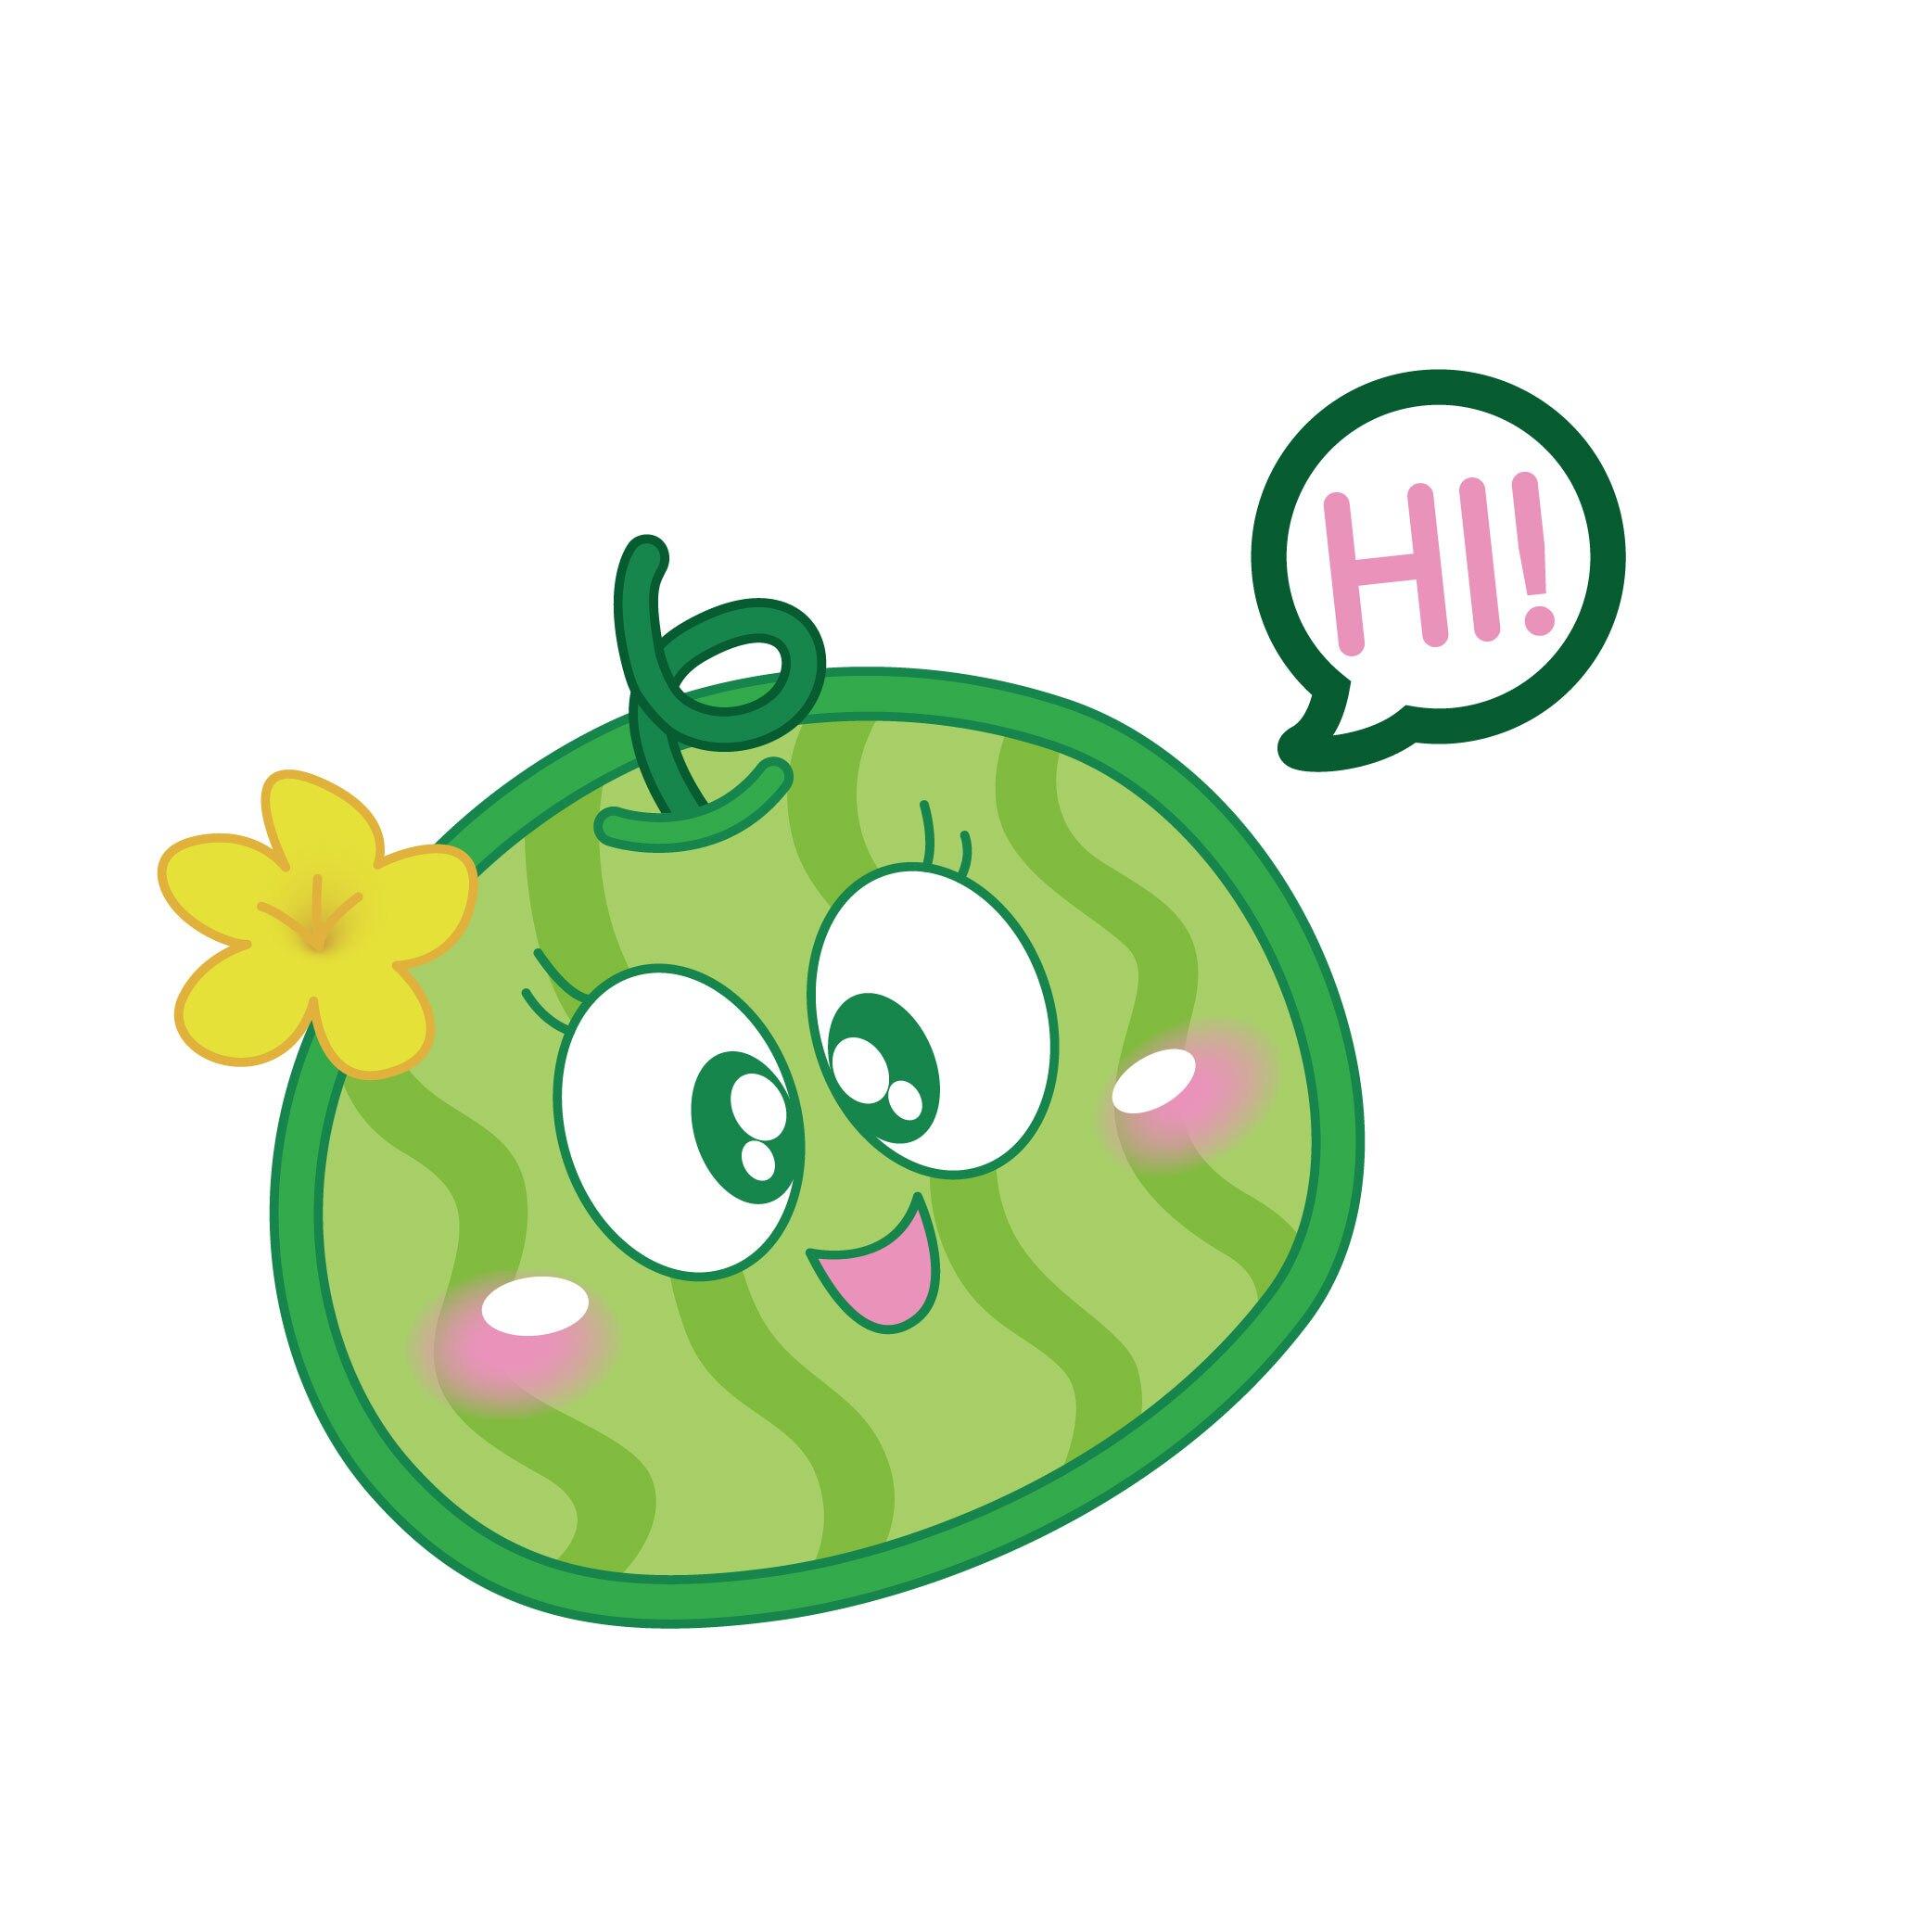 西瓜籽 COOKSCLUB 水果冰淇淋機 萊姆黃 卡娜赫拉聯名款 冰淇淋機 甜點 自製冰淇淋 限量款 今夏熱銷 冰棒